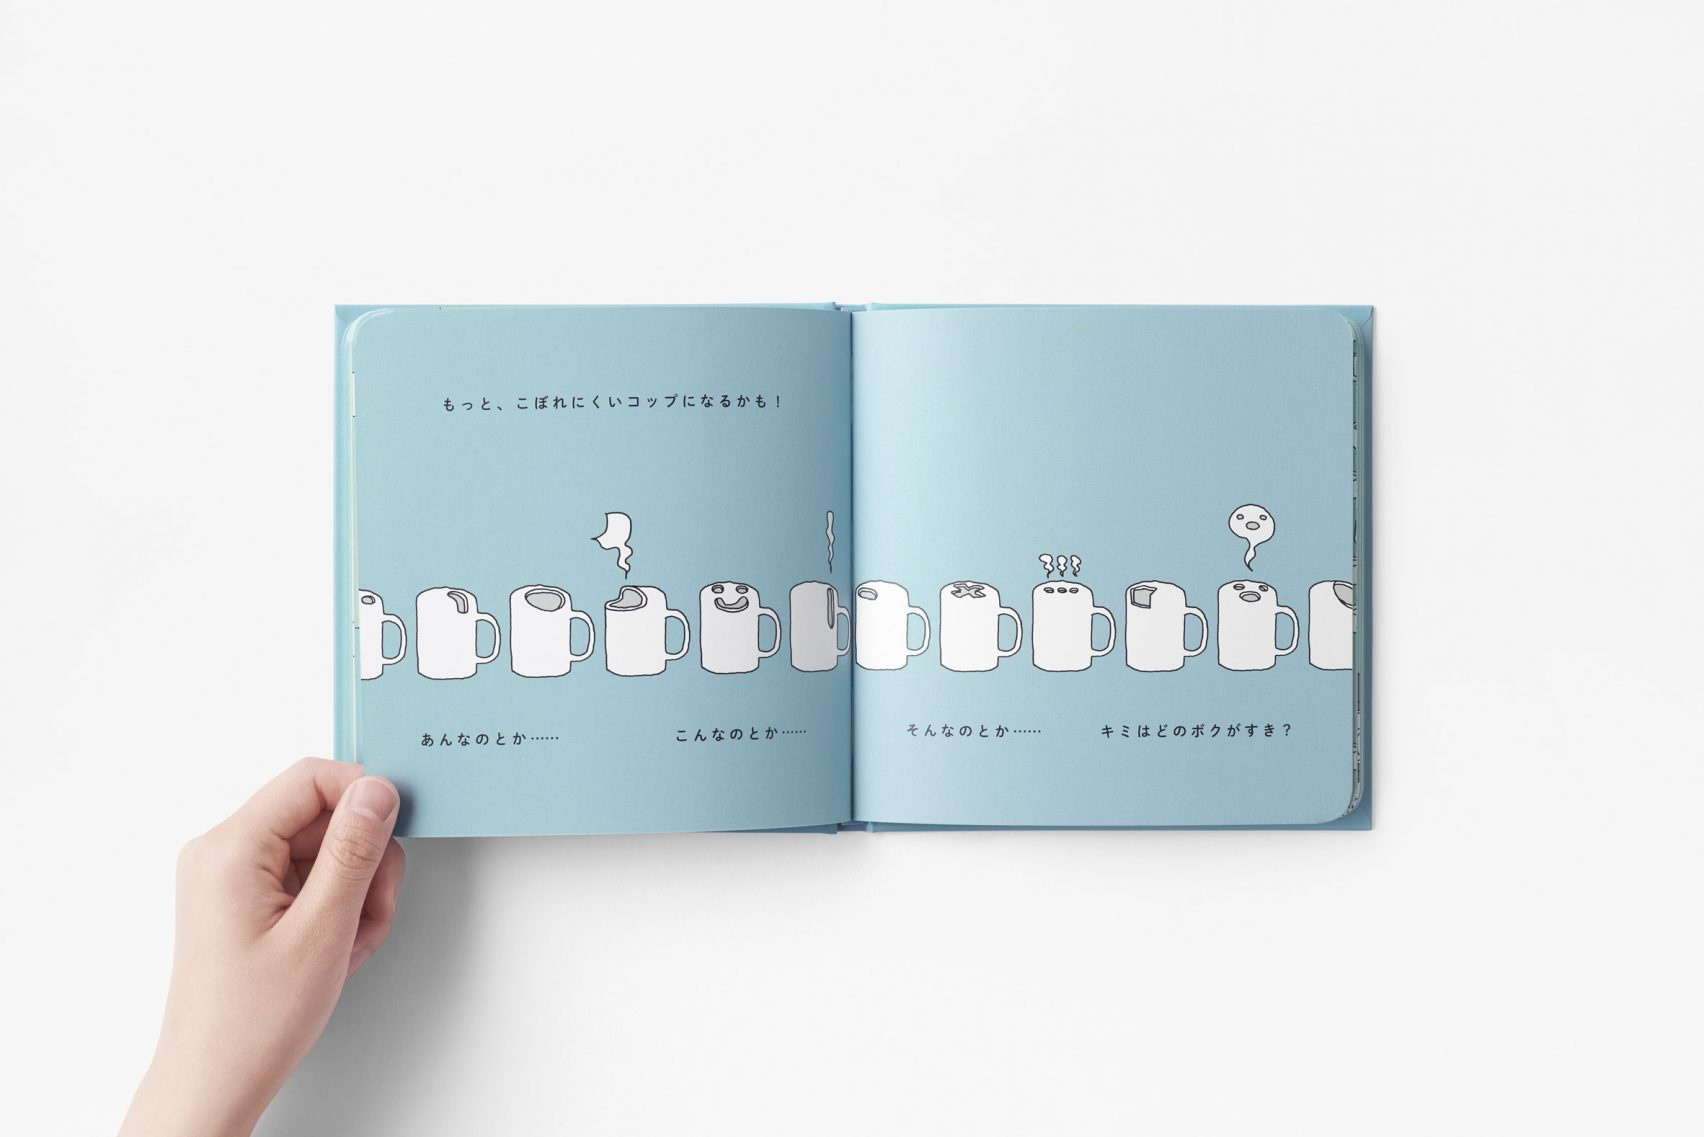 Nendo کتاب کودکان طراحی می کند تا چگونگی متولد شدن ایده های خلاق را به تصویر بکشد